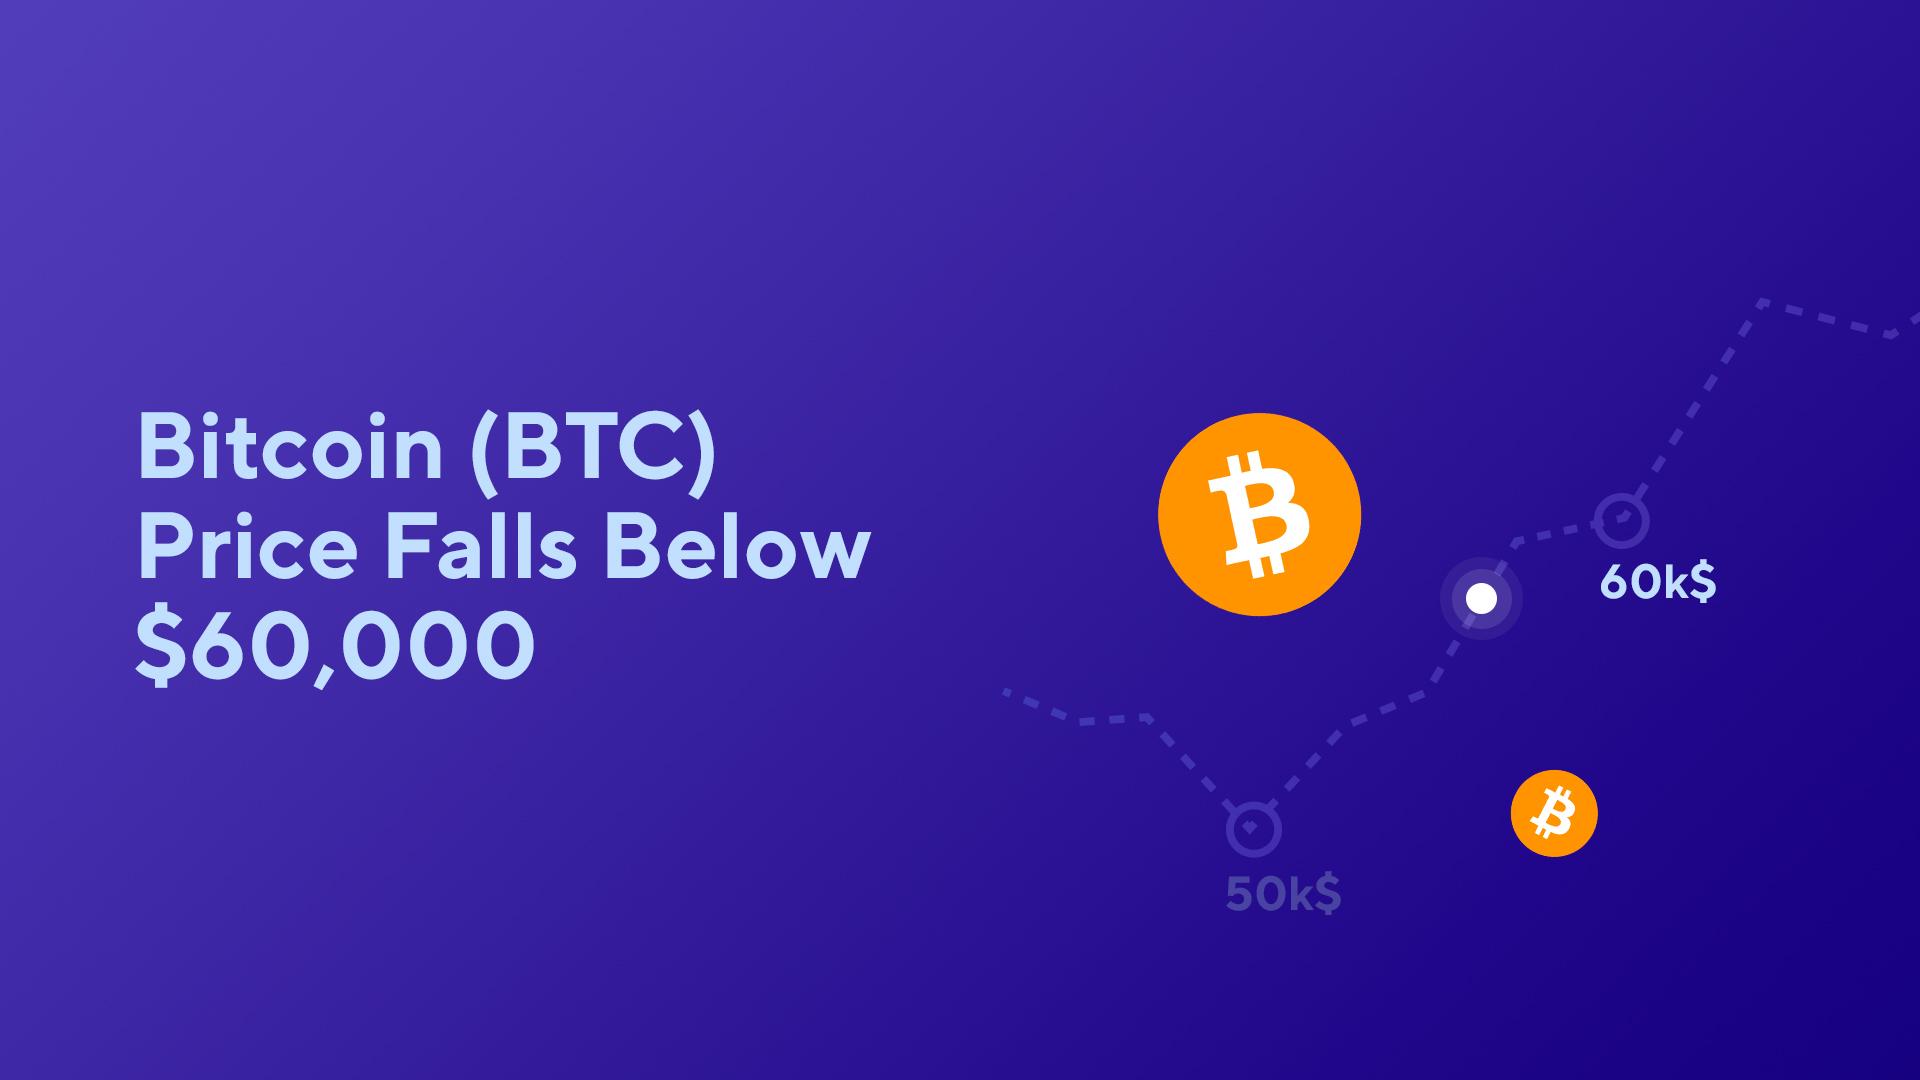 Bitcoin (BTC) Price Falls Below $60,000